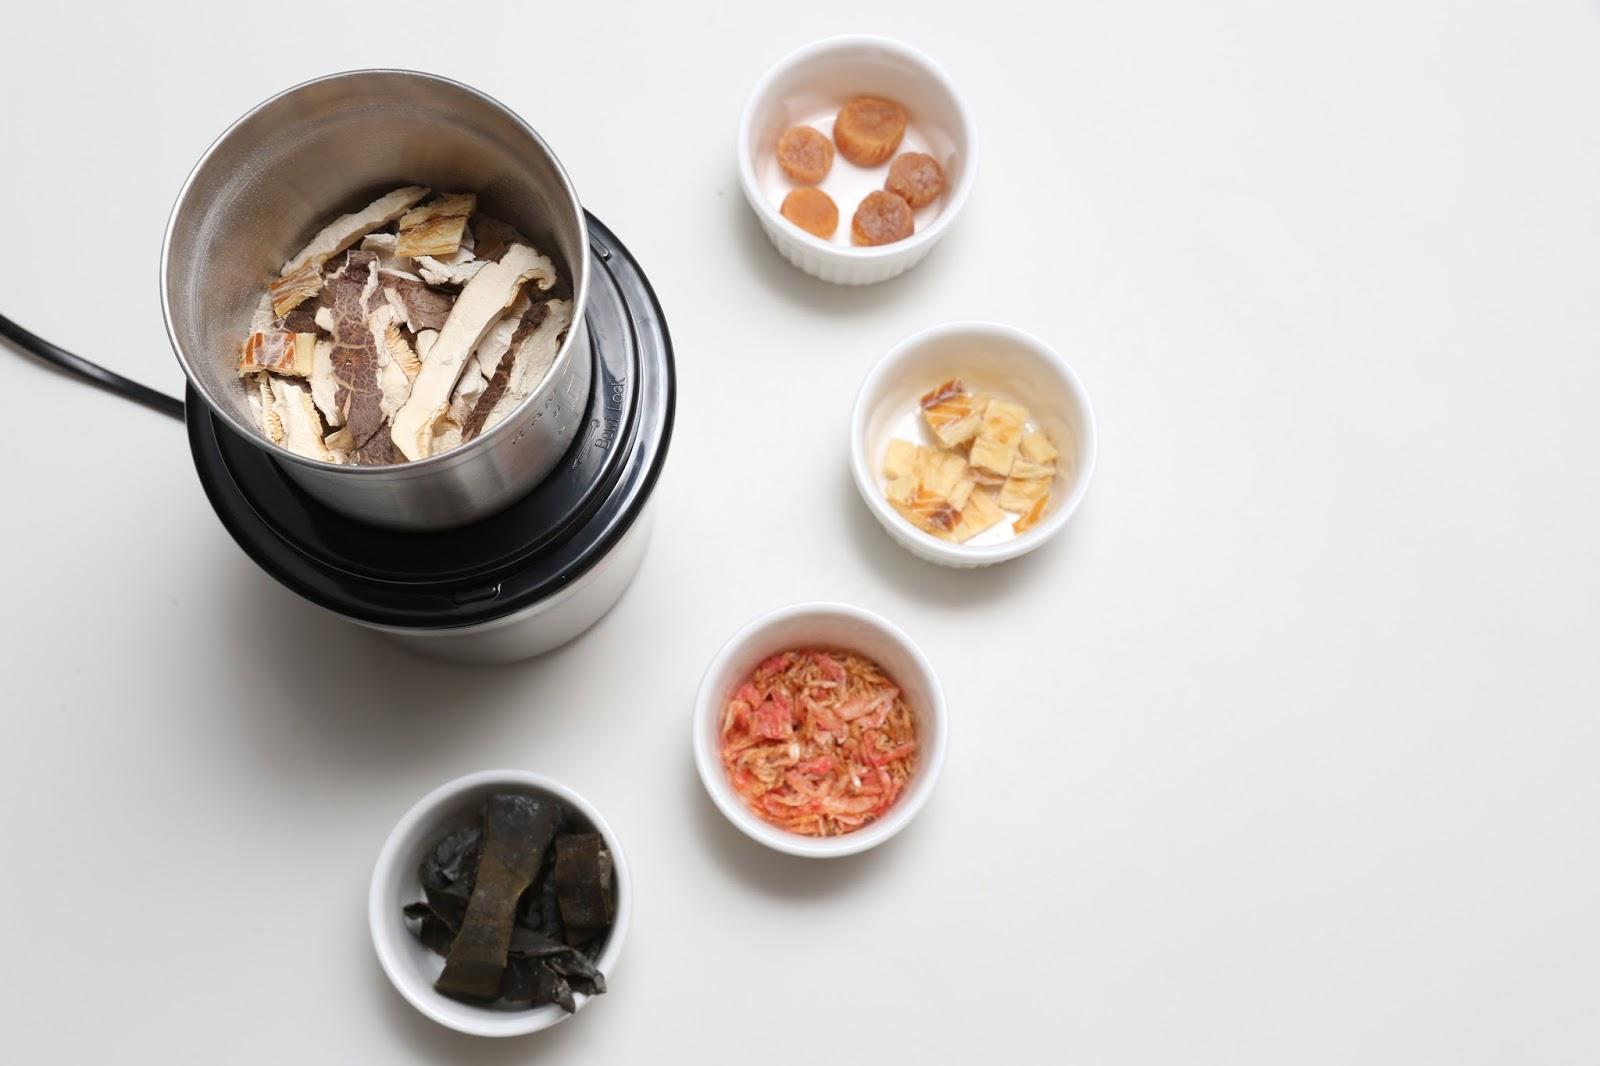 K for Kitchen 瘦身廚房: 【自製海味鮮味粉— 雞粉及味精的最佳代替品】